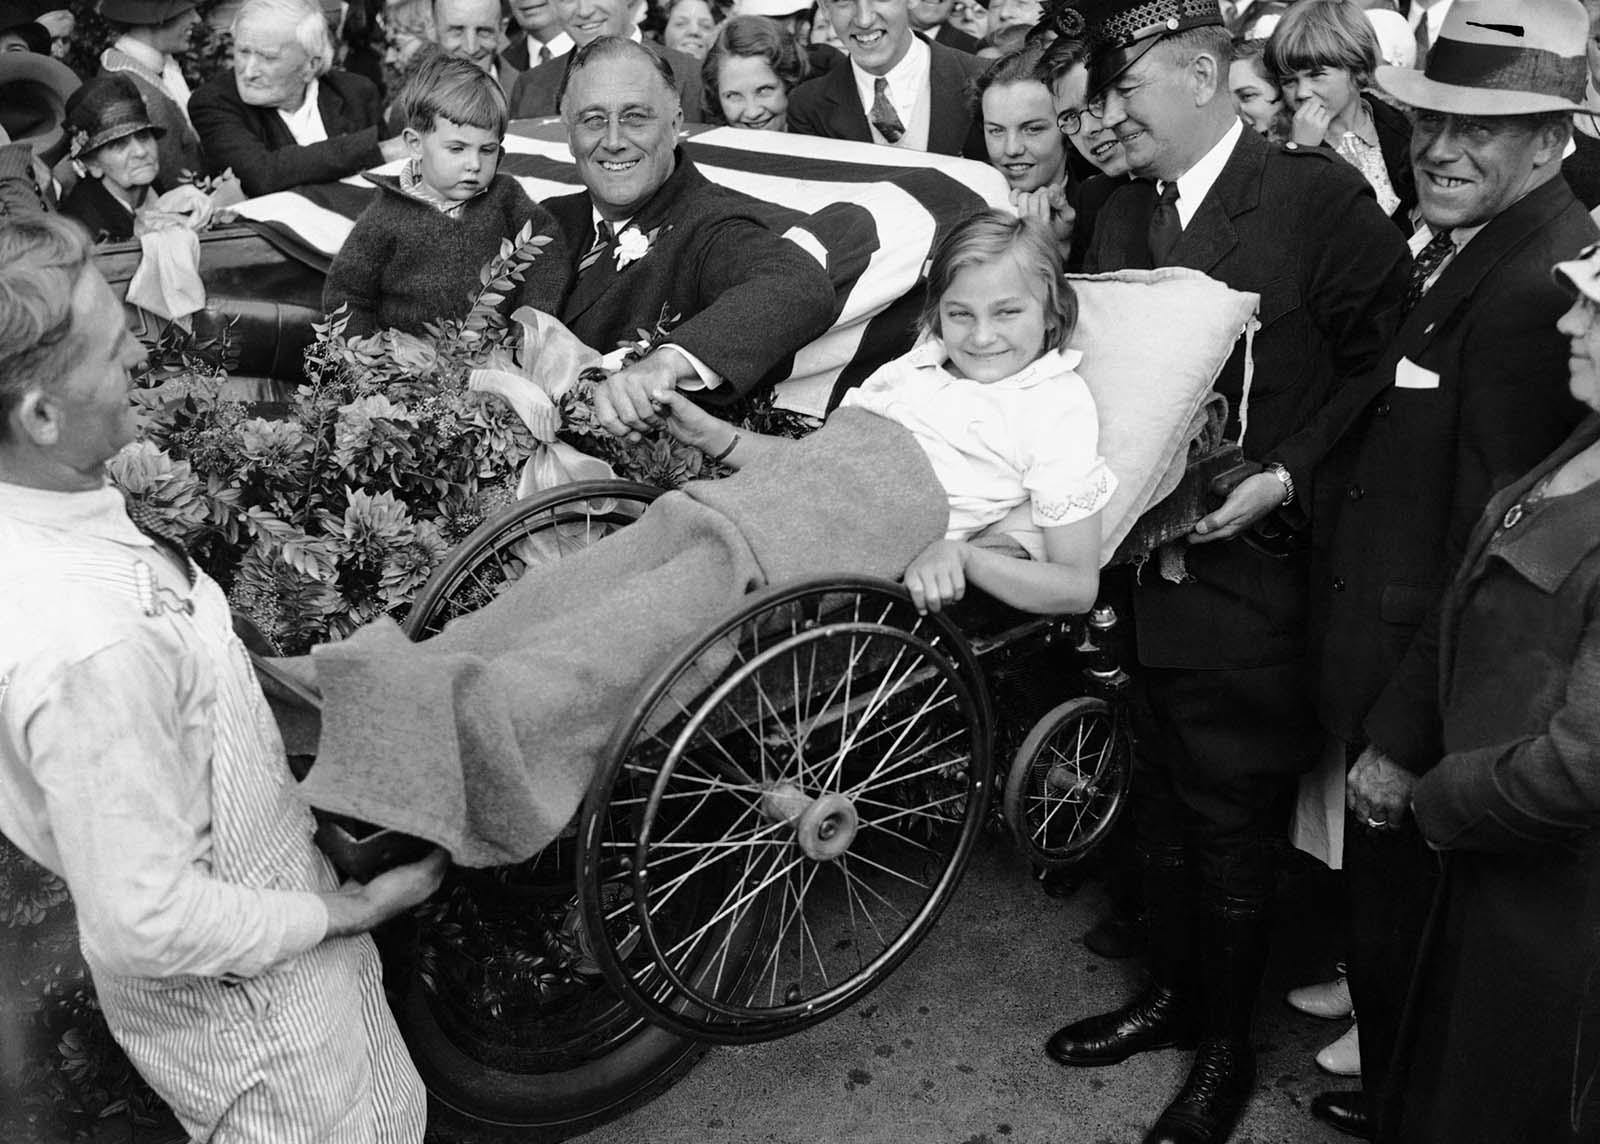 Franklin D. Roosevelt contrajo polio en 1921 a los 39 años. Aquí, dos hombres levantan a una niña pequeña en silla de ruedas para que Roosevelt pueda saludarla desde su vehículo durante su primera campaña presidencial.